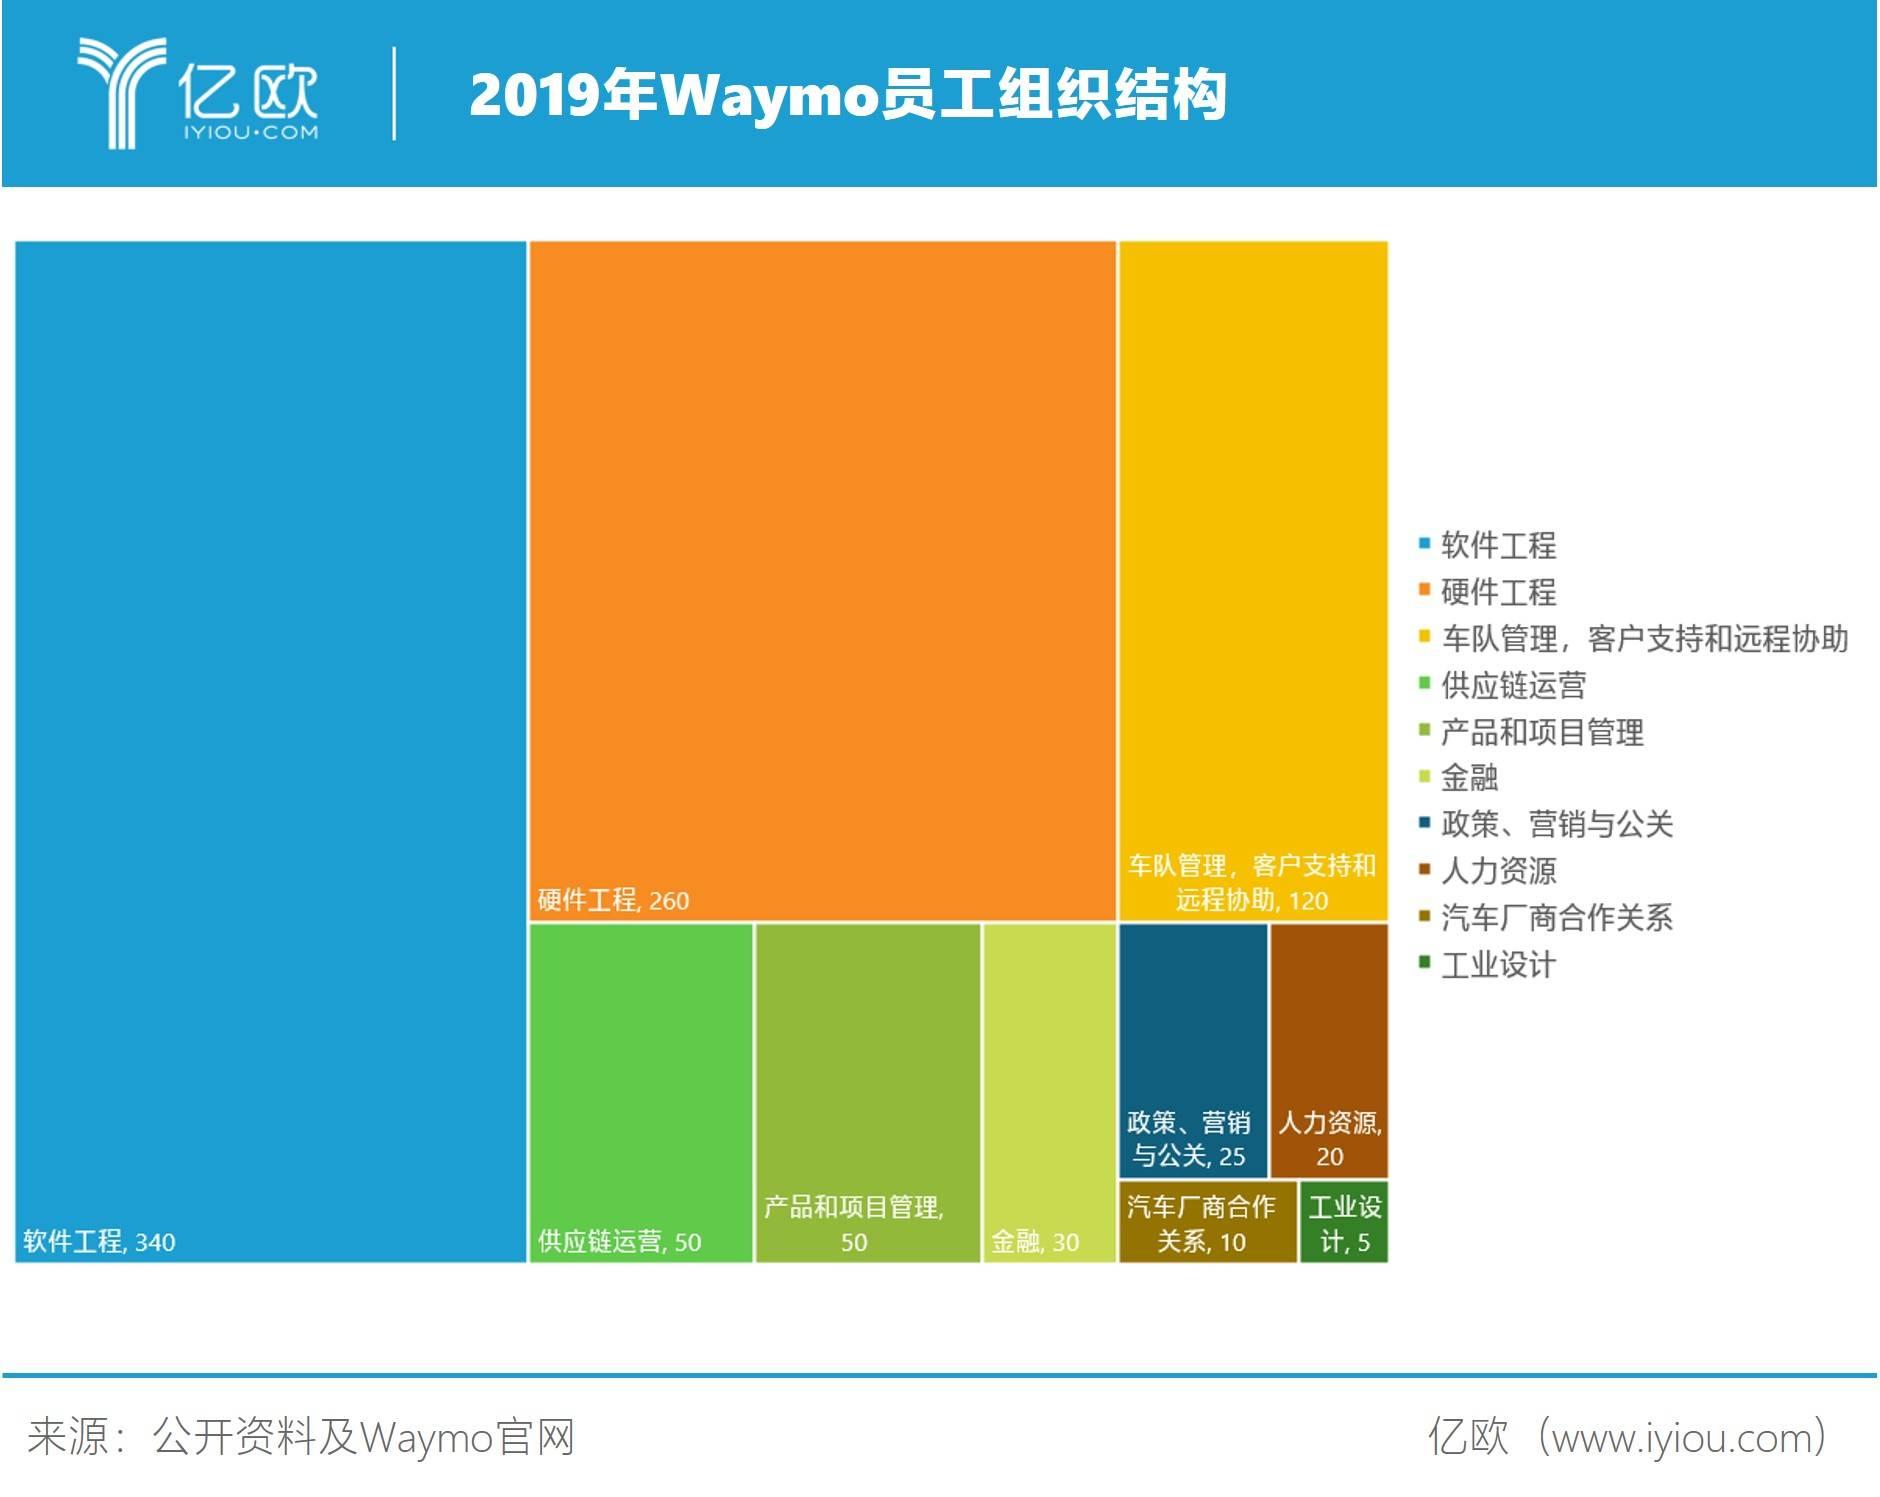 2019年Waymo员工组织